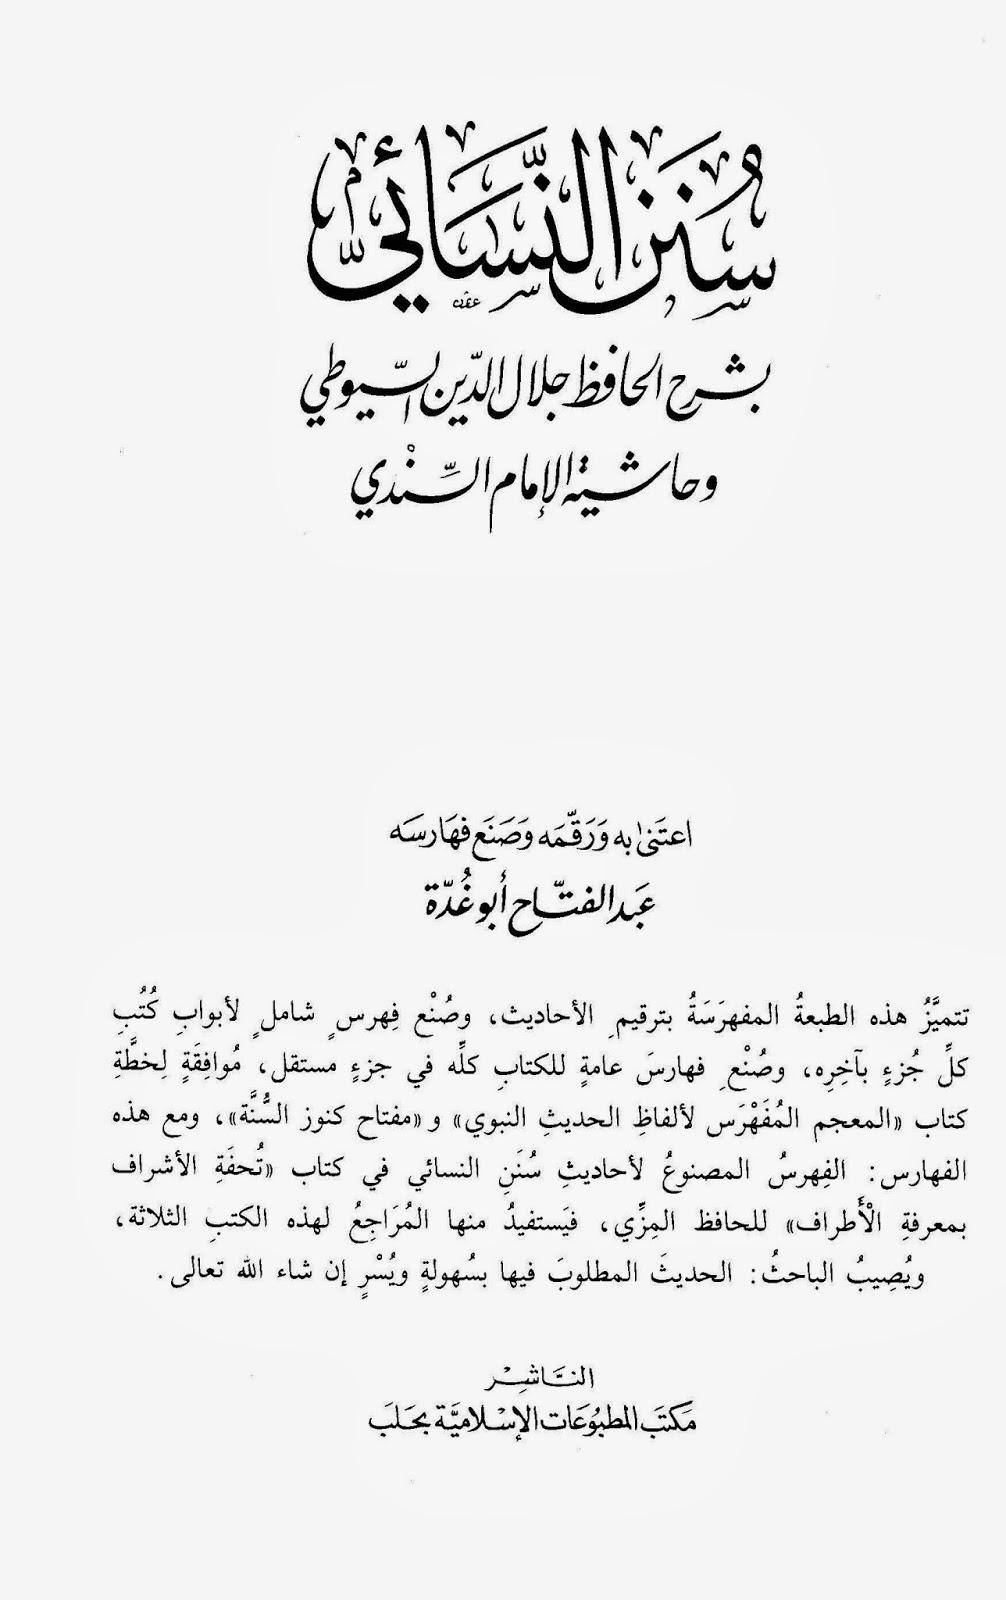 شرح سنن النسائي للإمام السيوطي ومعه حاشية السندي - ترقيم عبد الفتاح أبو غدة pdf